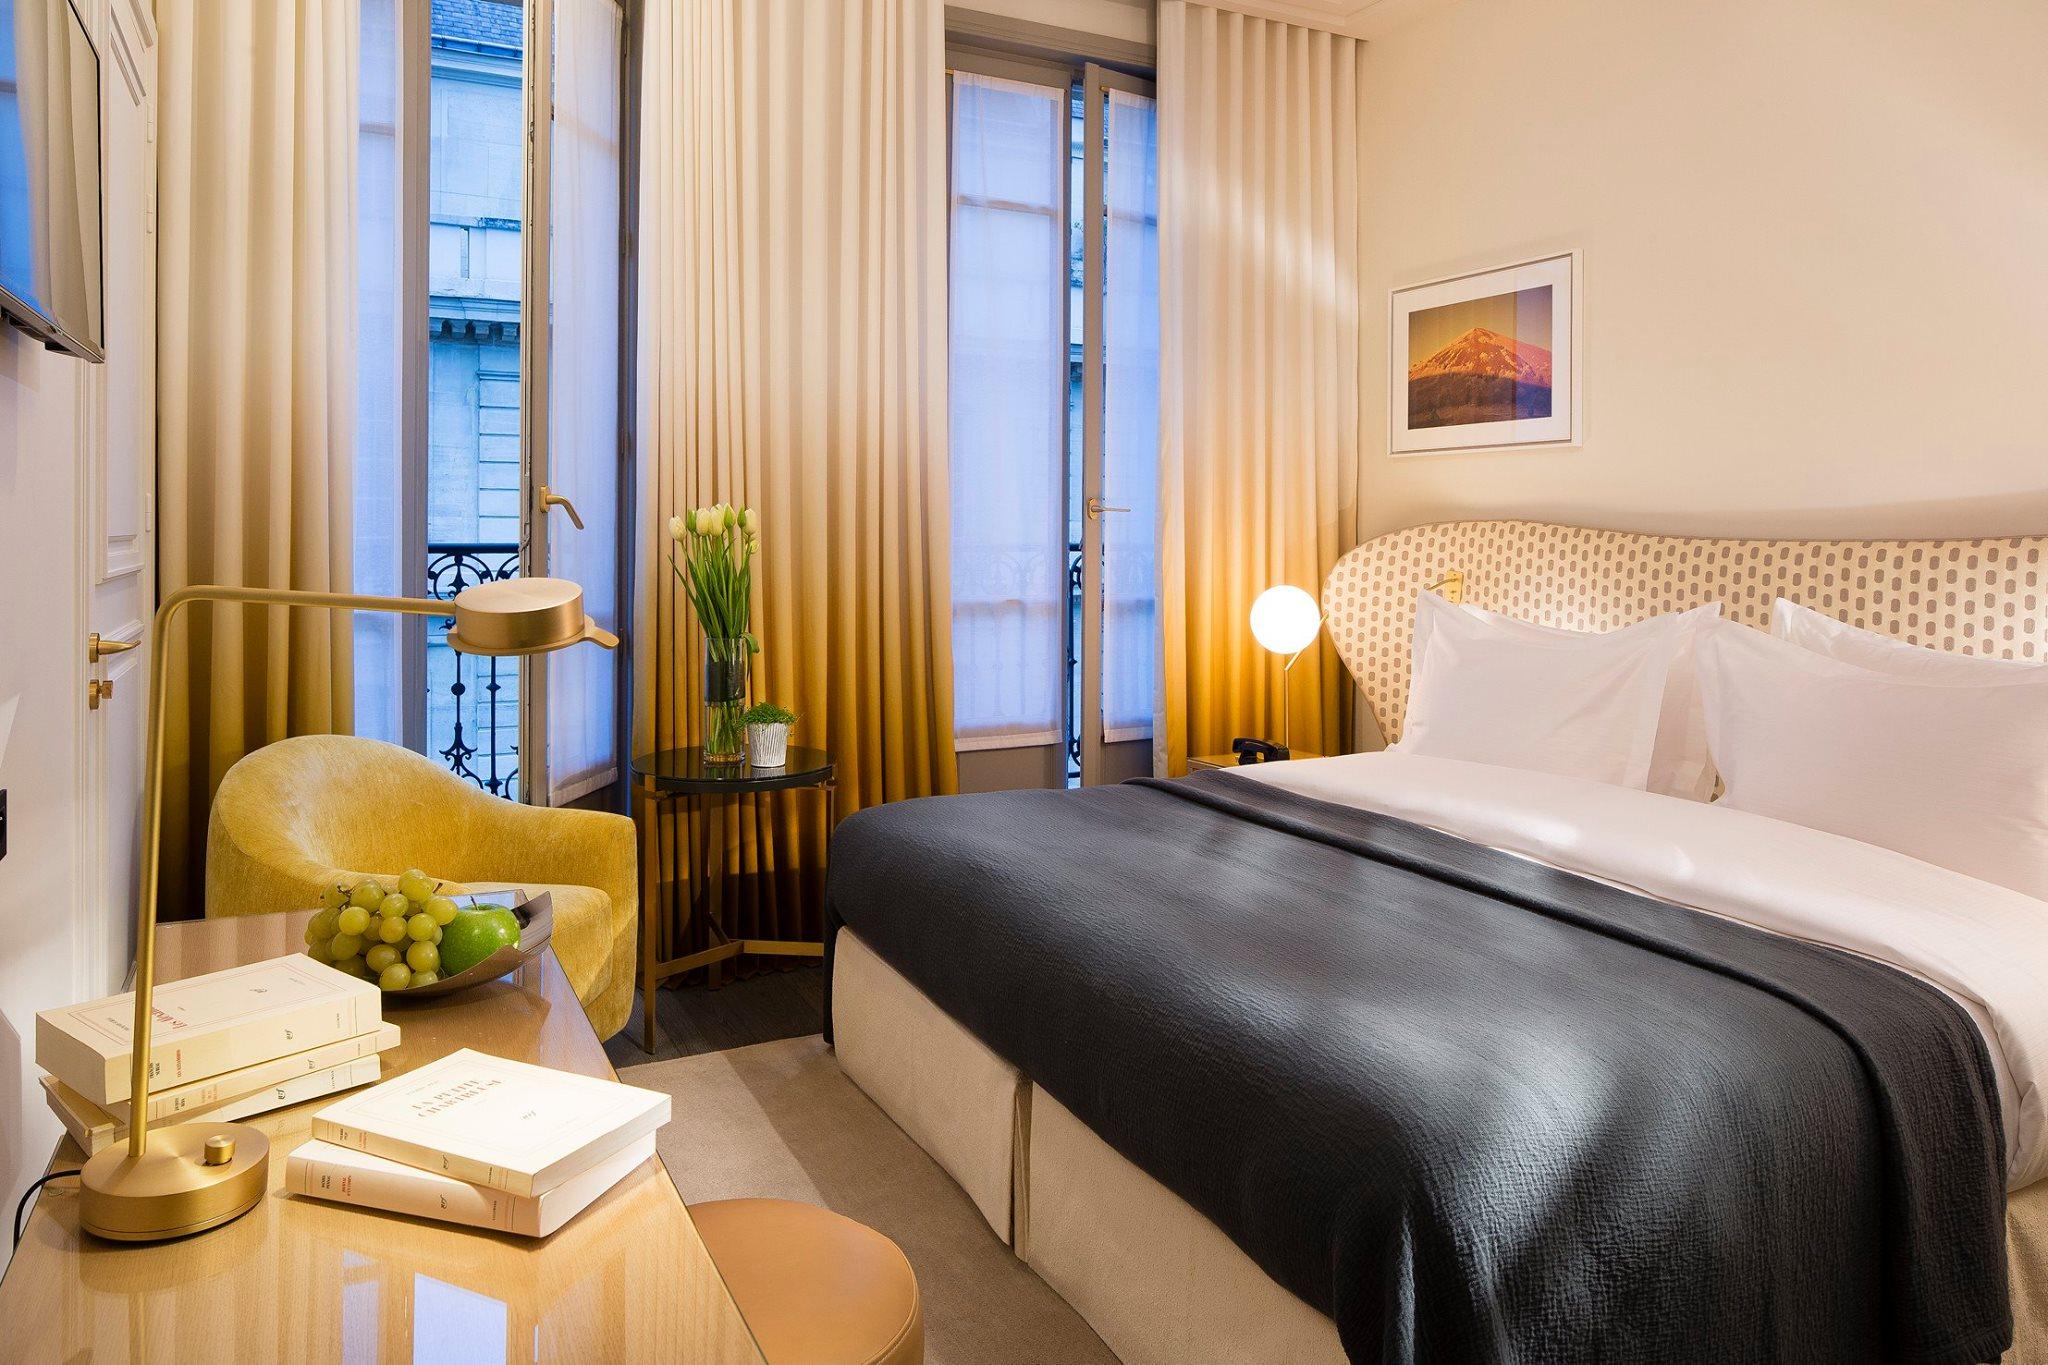 le marianne un boutique h tel sign vincent bastie et charles zana. Black Bedroom Furniture Sets. Home Design Ideas